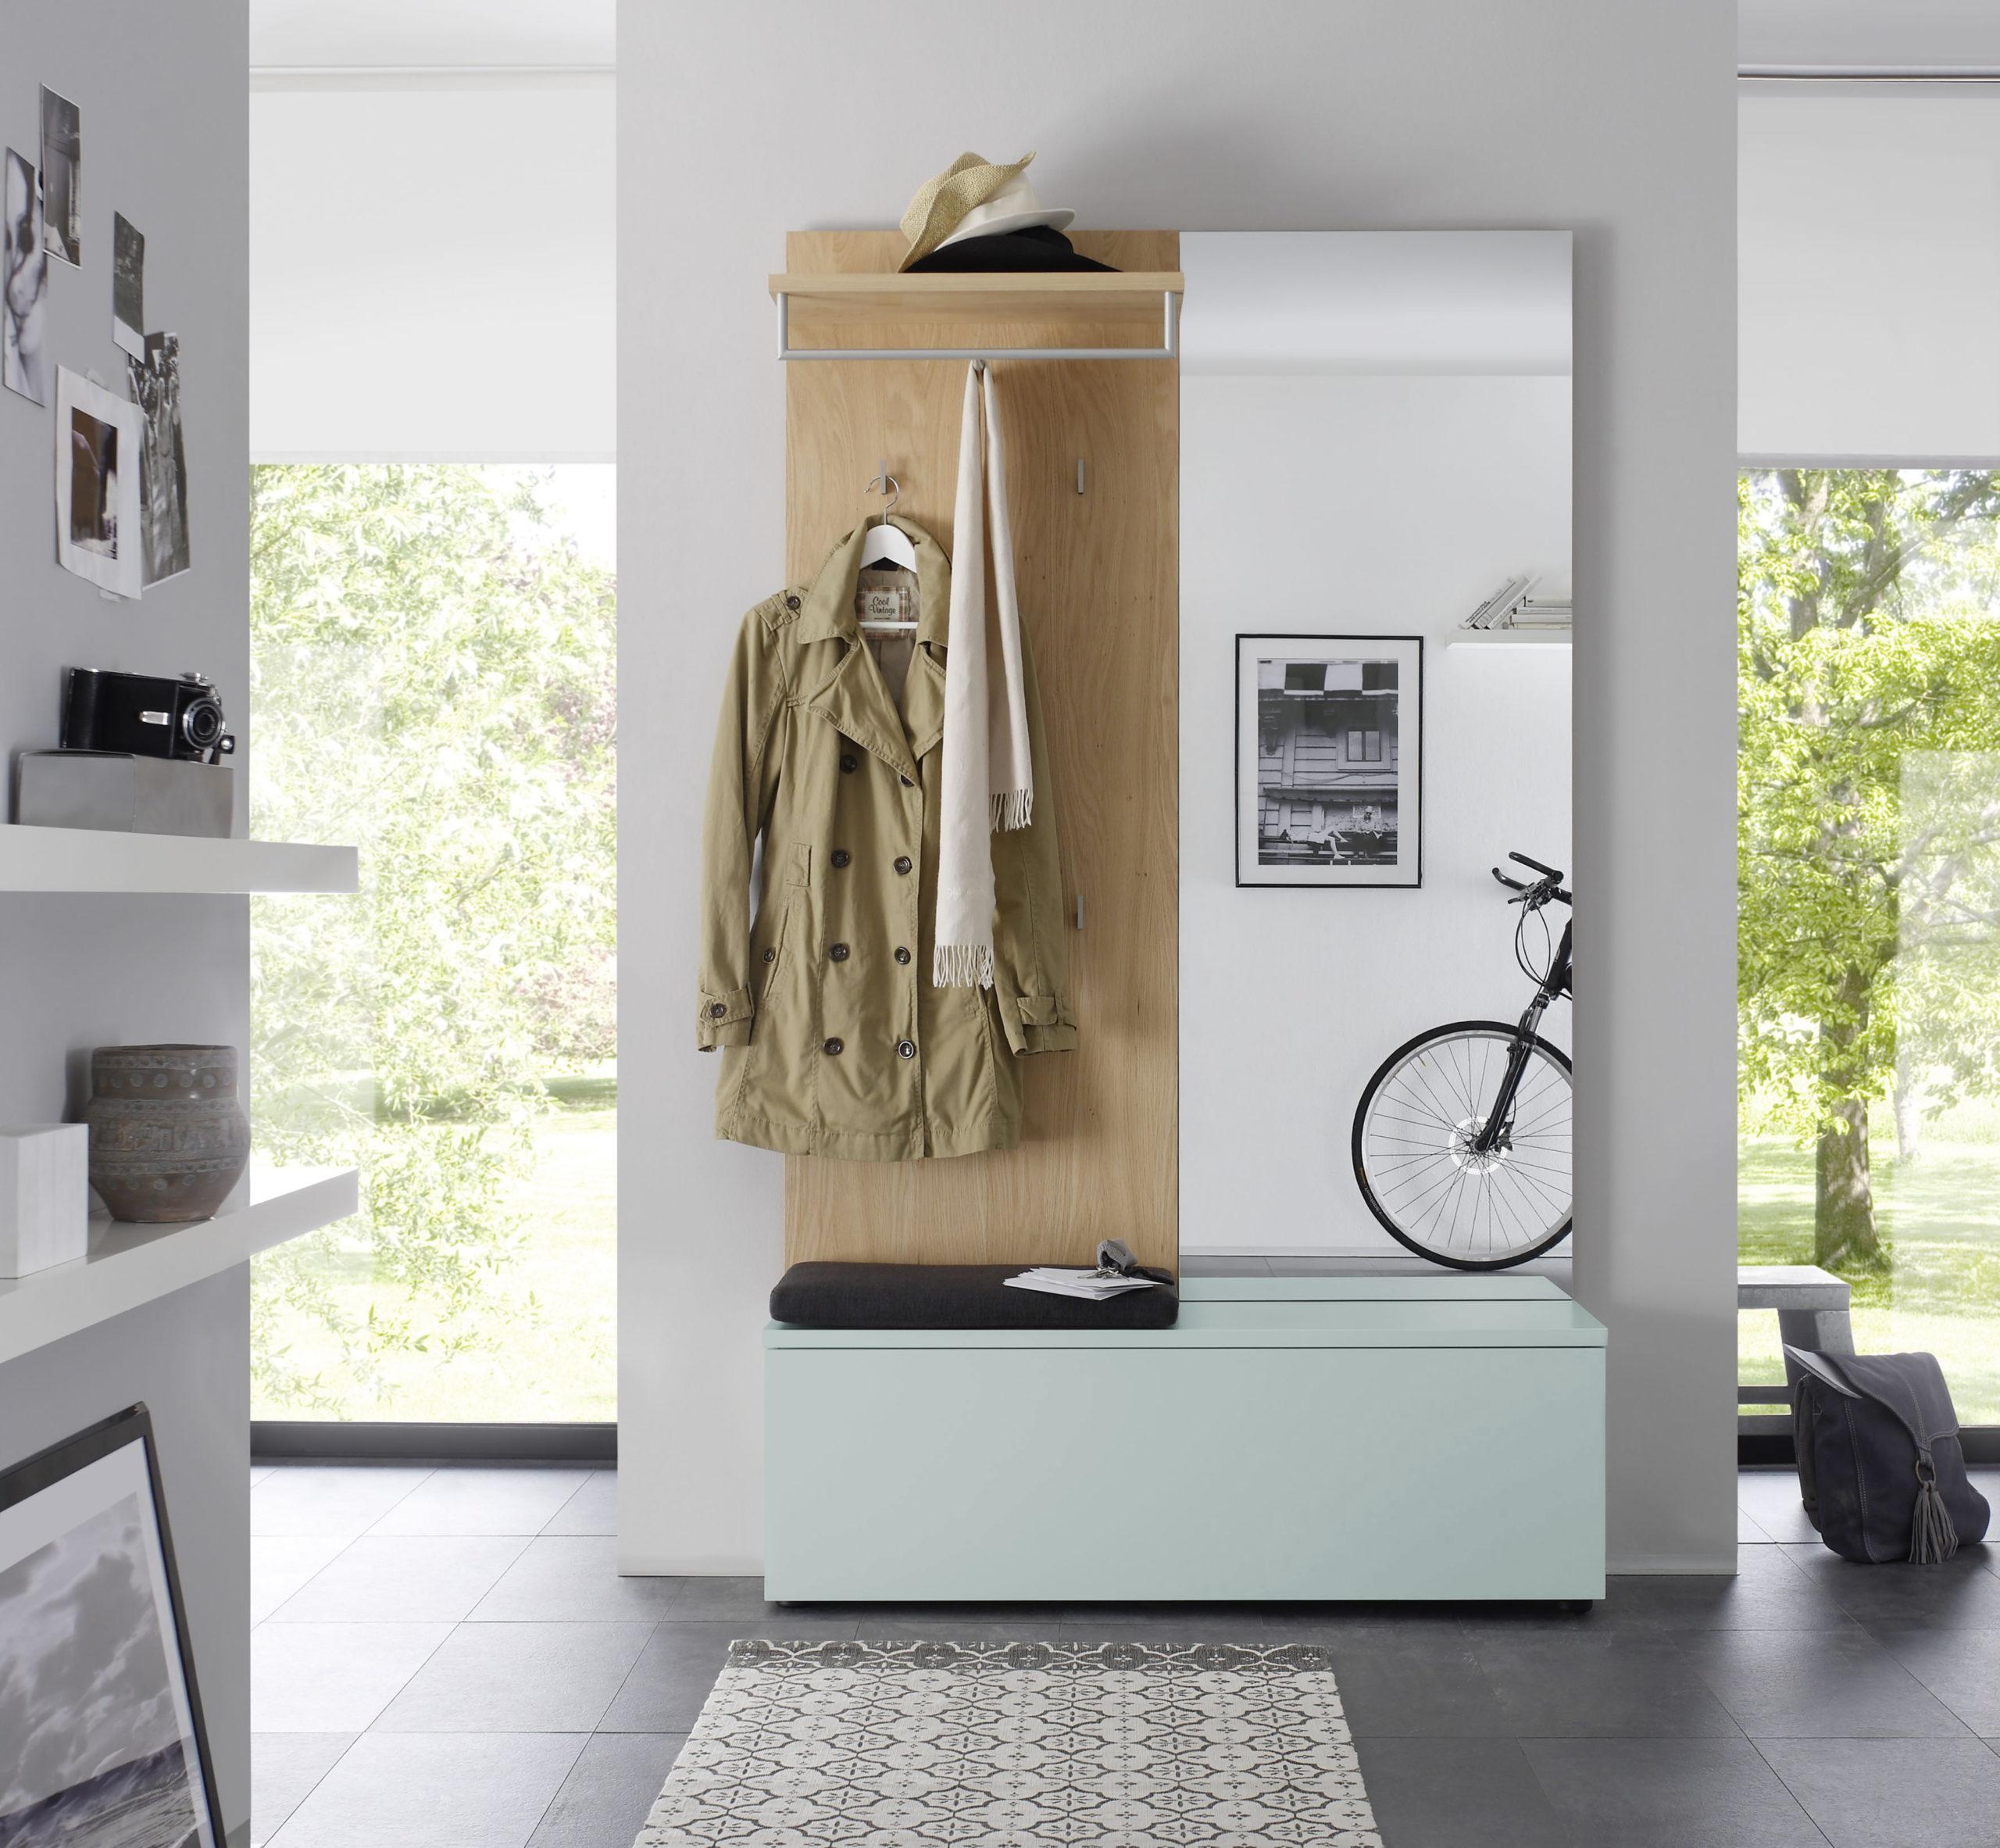 Sudbrock TANDO Garderobe in der Ausführung Ethno Eiche, Lack sky #475